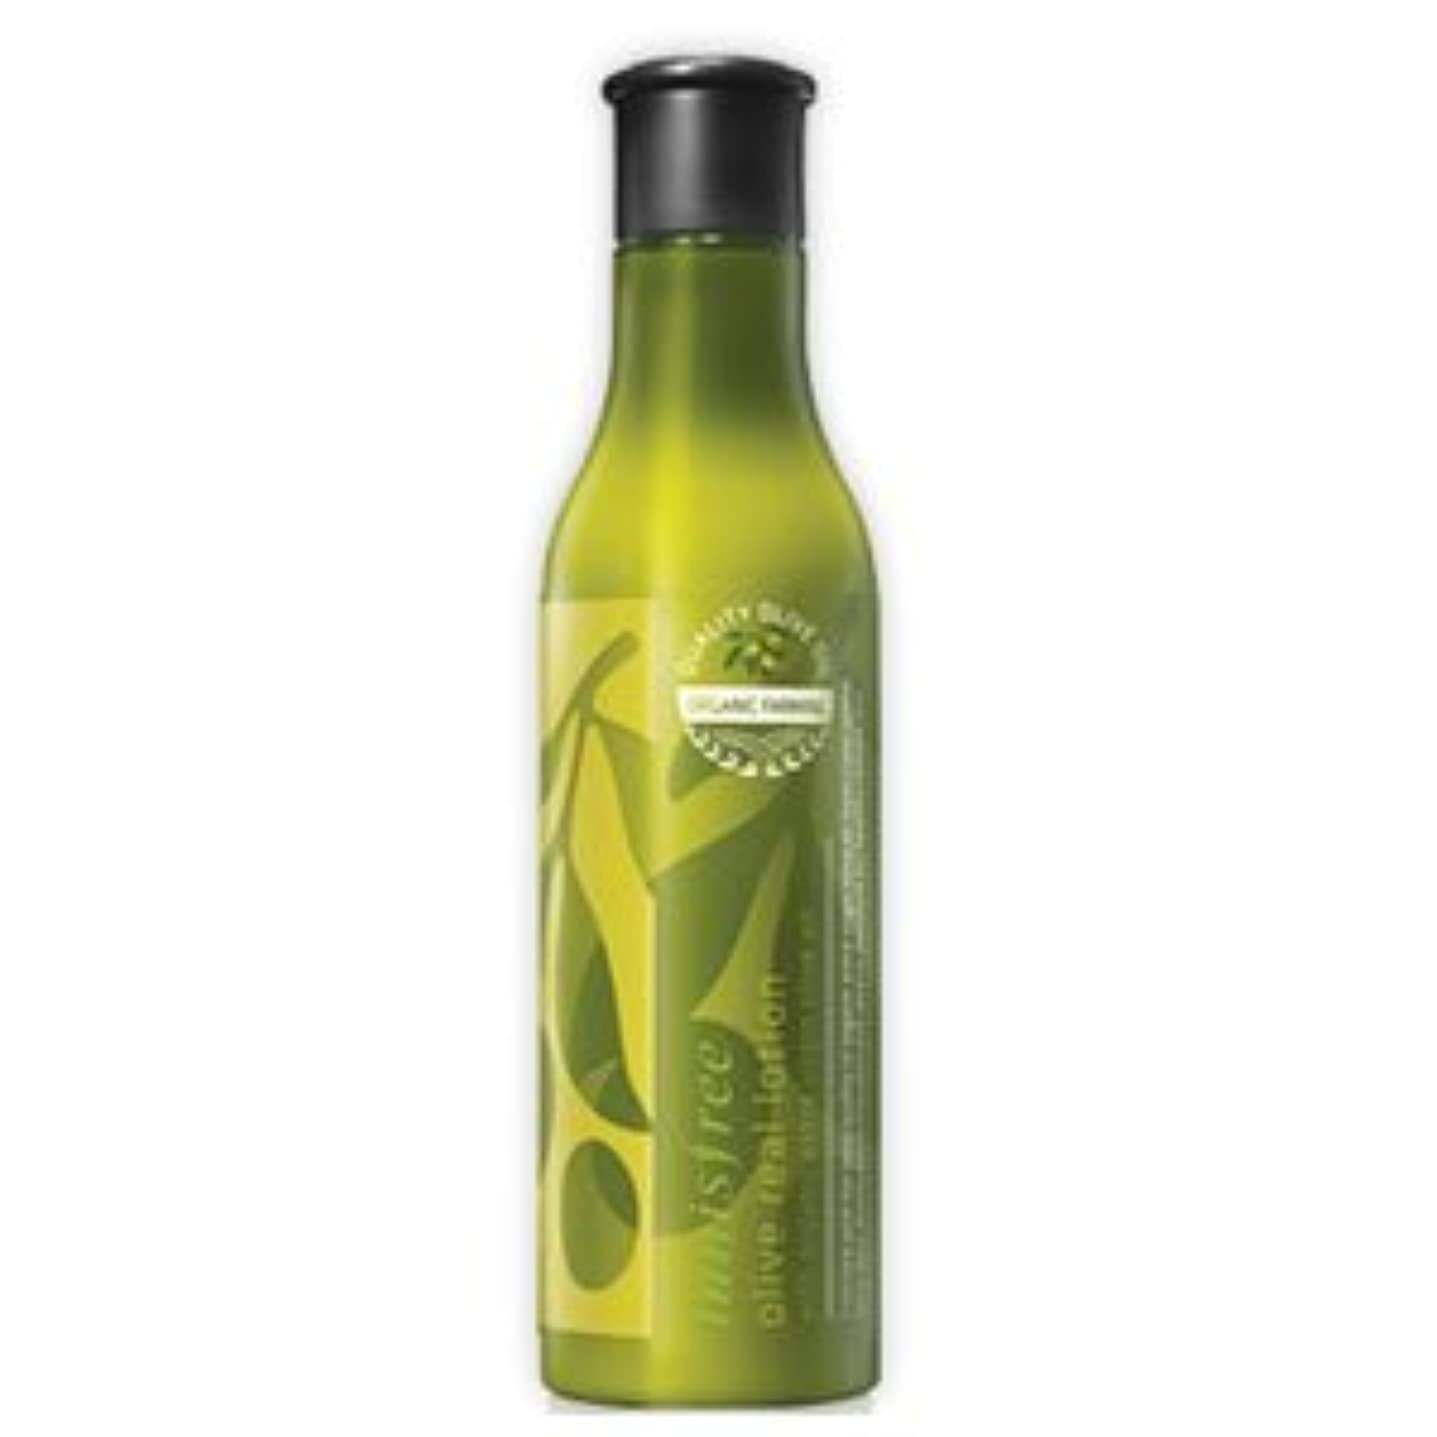 実現可能性先行するロビーinnisfree(イニスフリー) 保湿栄養 オリーブリアル ローション 乳液 160ml